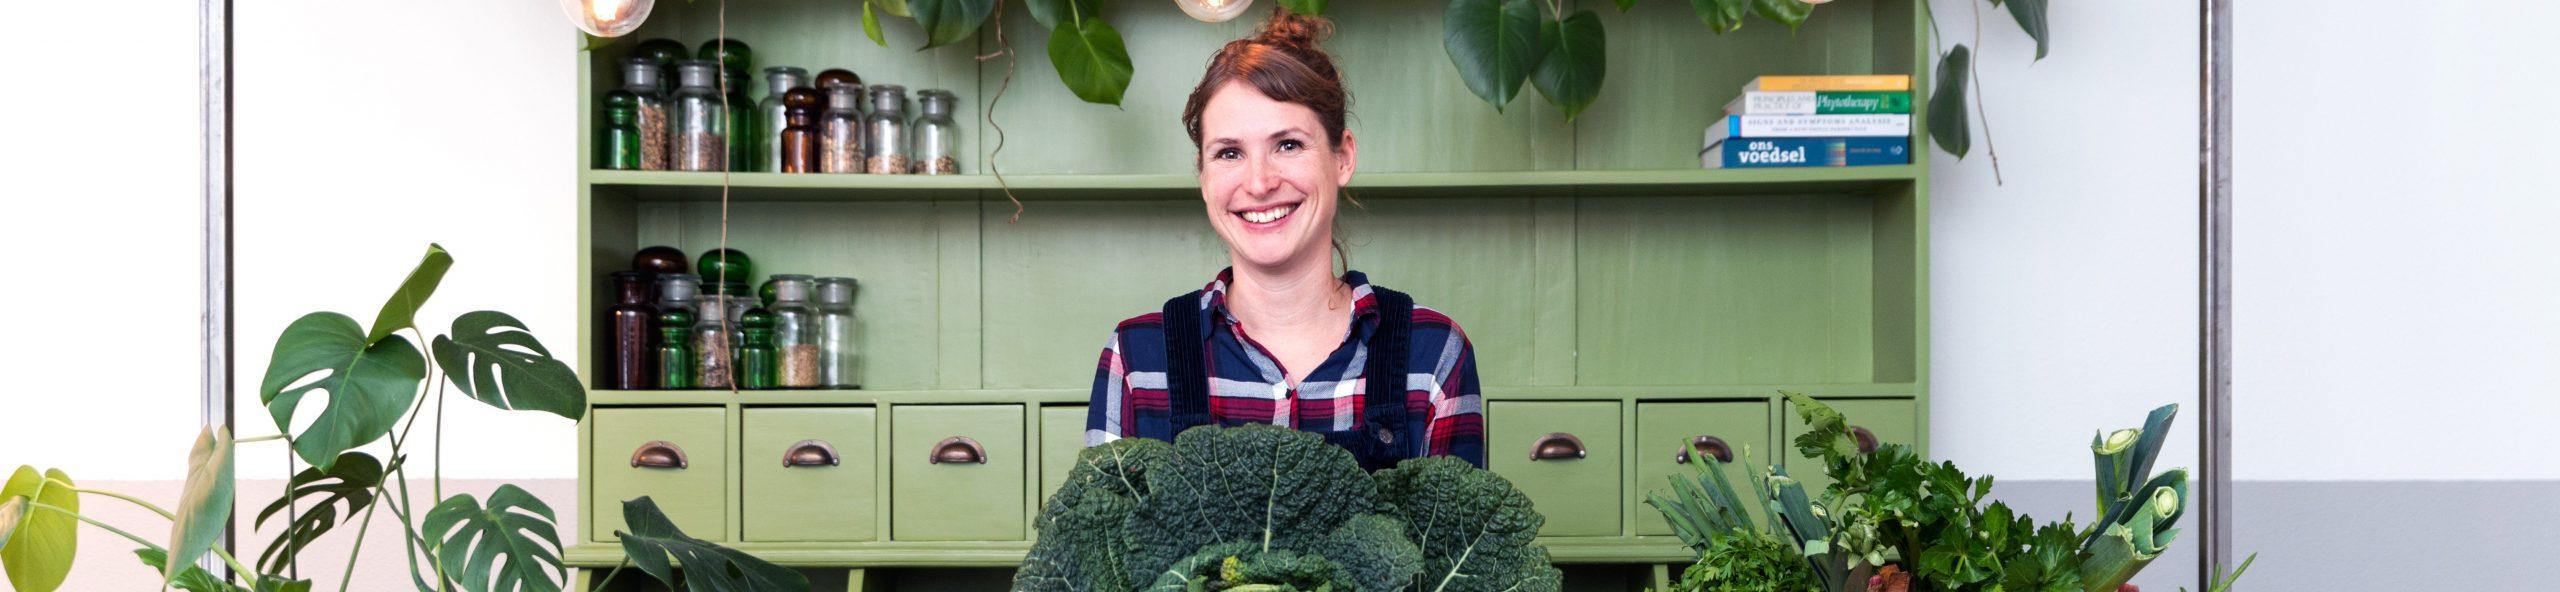 online afspraak maken gezonde zaken voedingsdeskundige den bosch den dungen